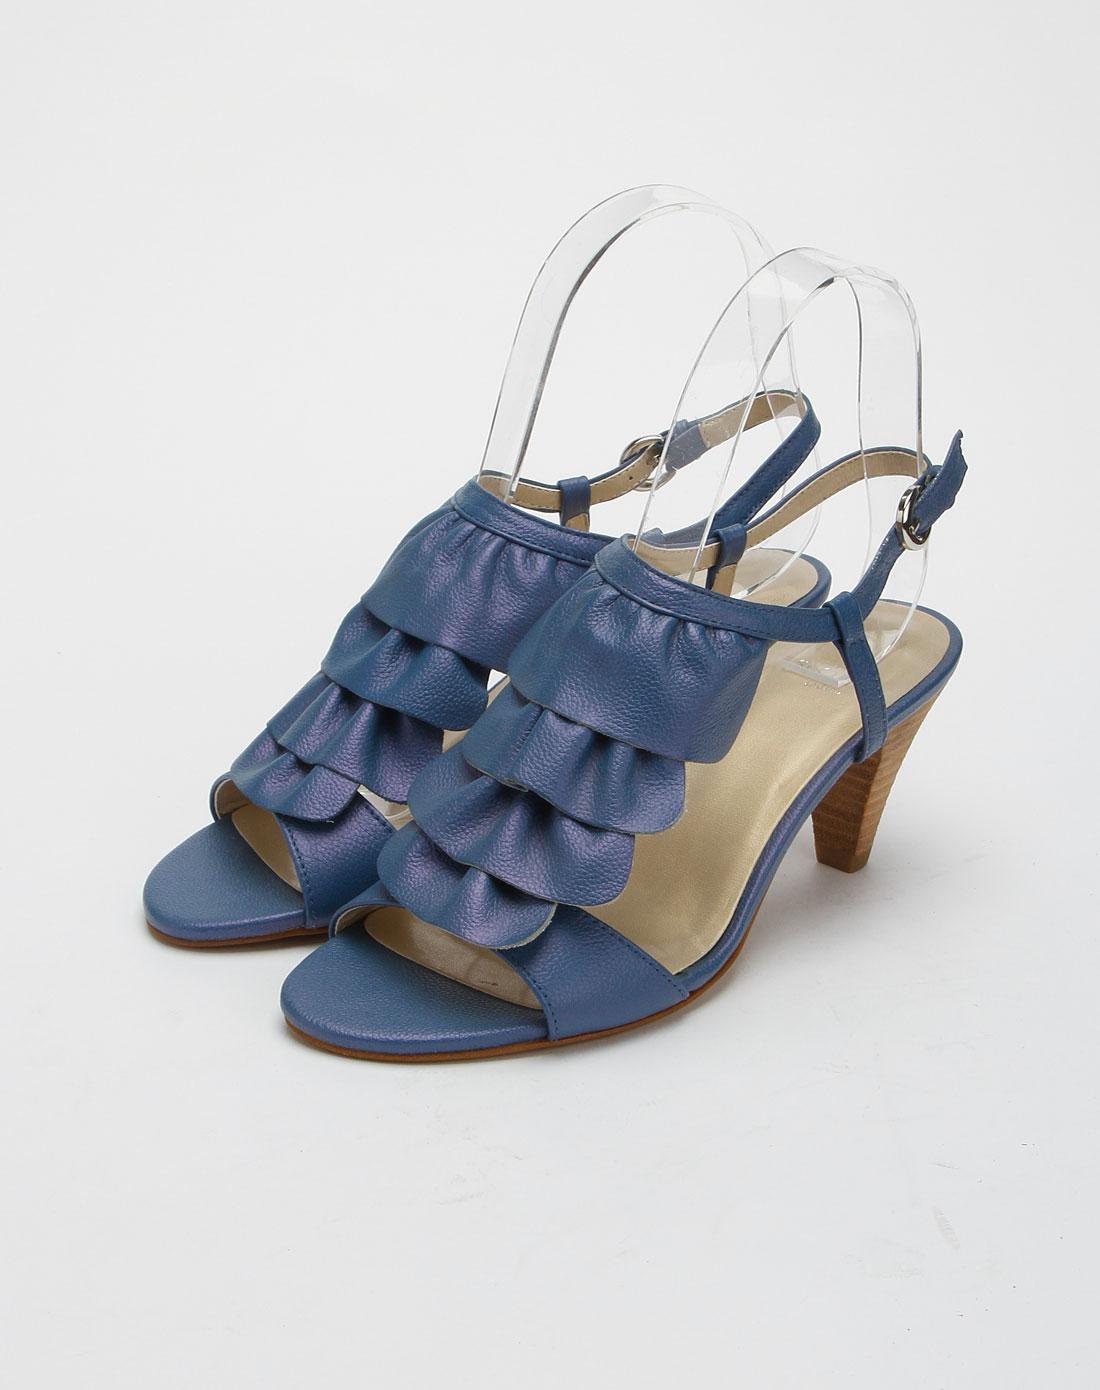 chic女款宝蓝色时尚高跟凉鞋